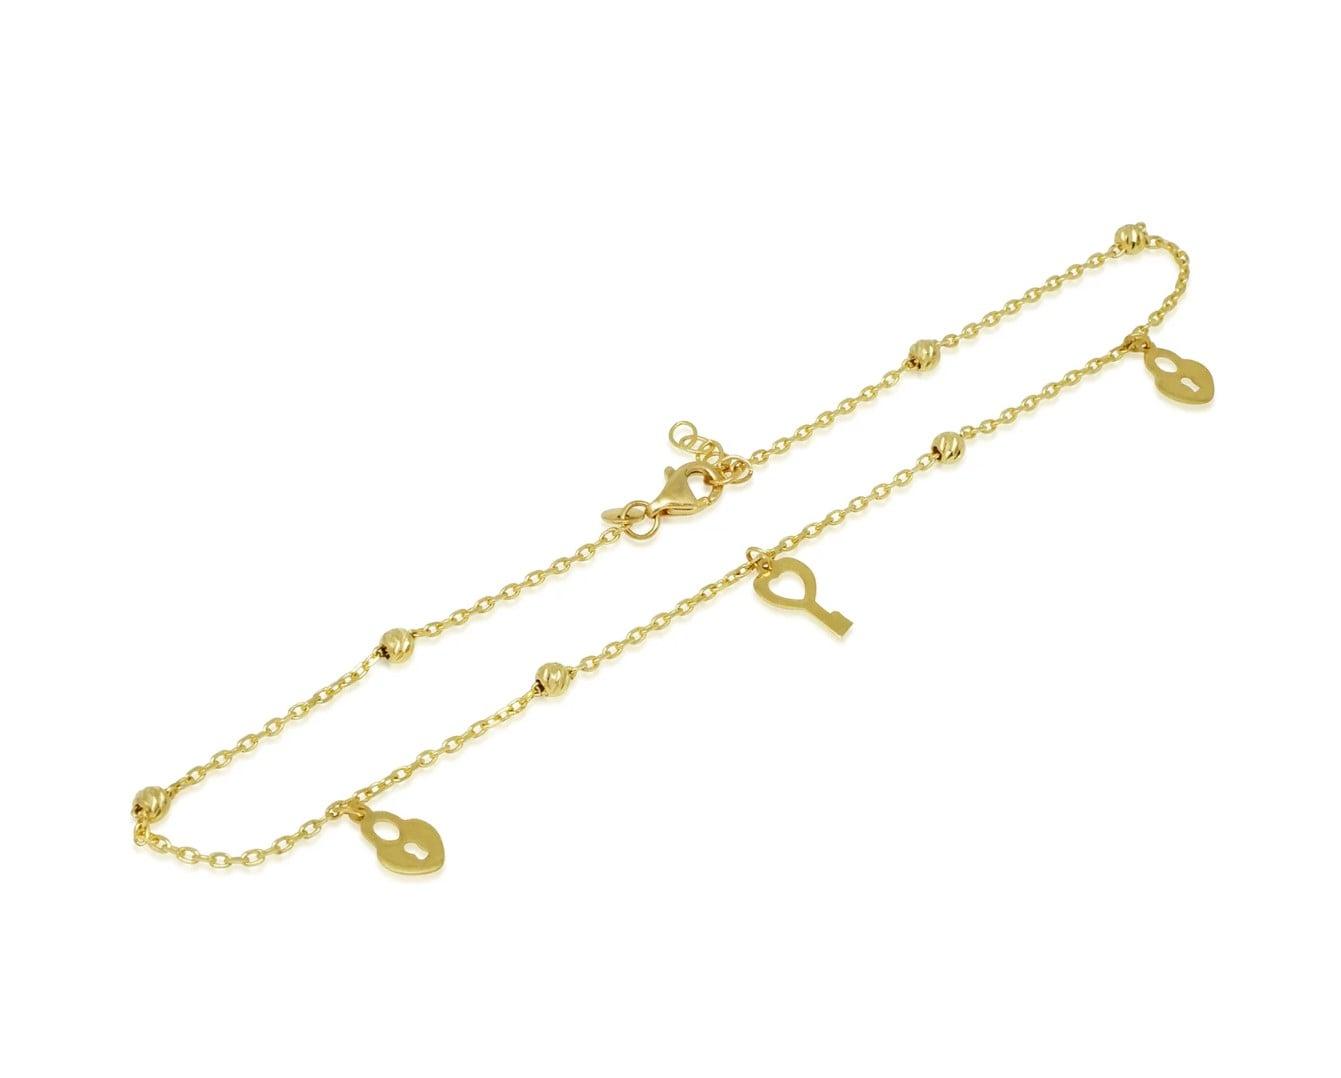 צמיד לרגל זהב עם תליוני מנעולים